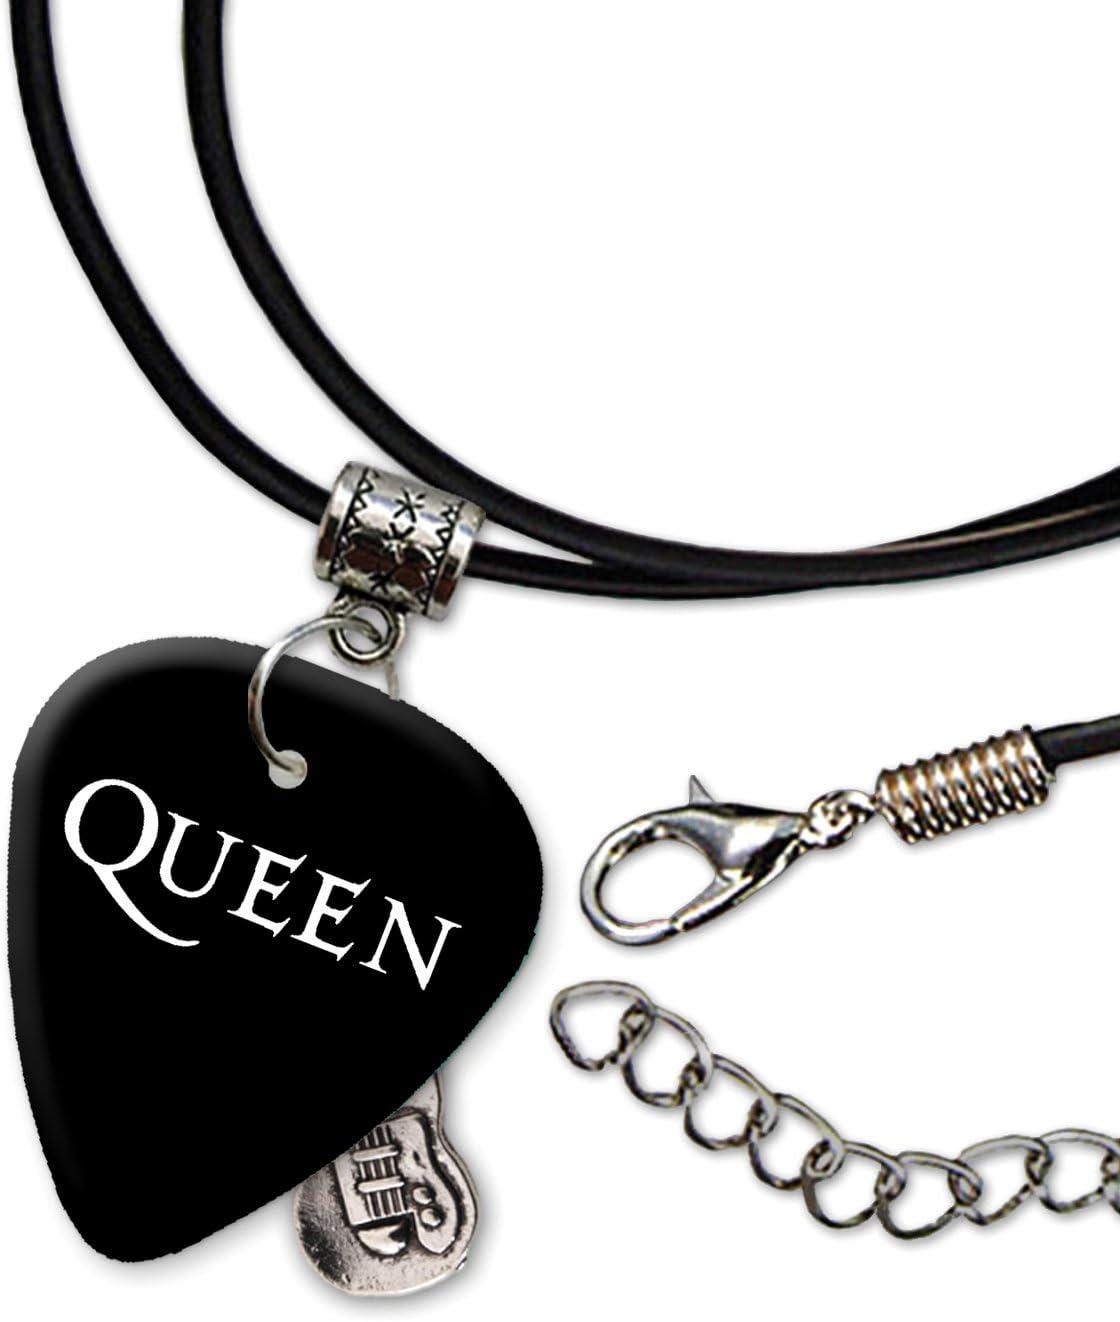 Queen Band Logo Collar de cordón de púa de guitarra (H): Amazon.es ...